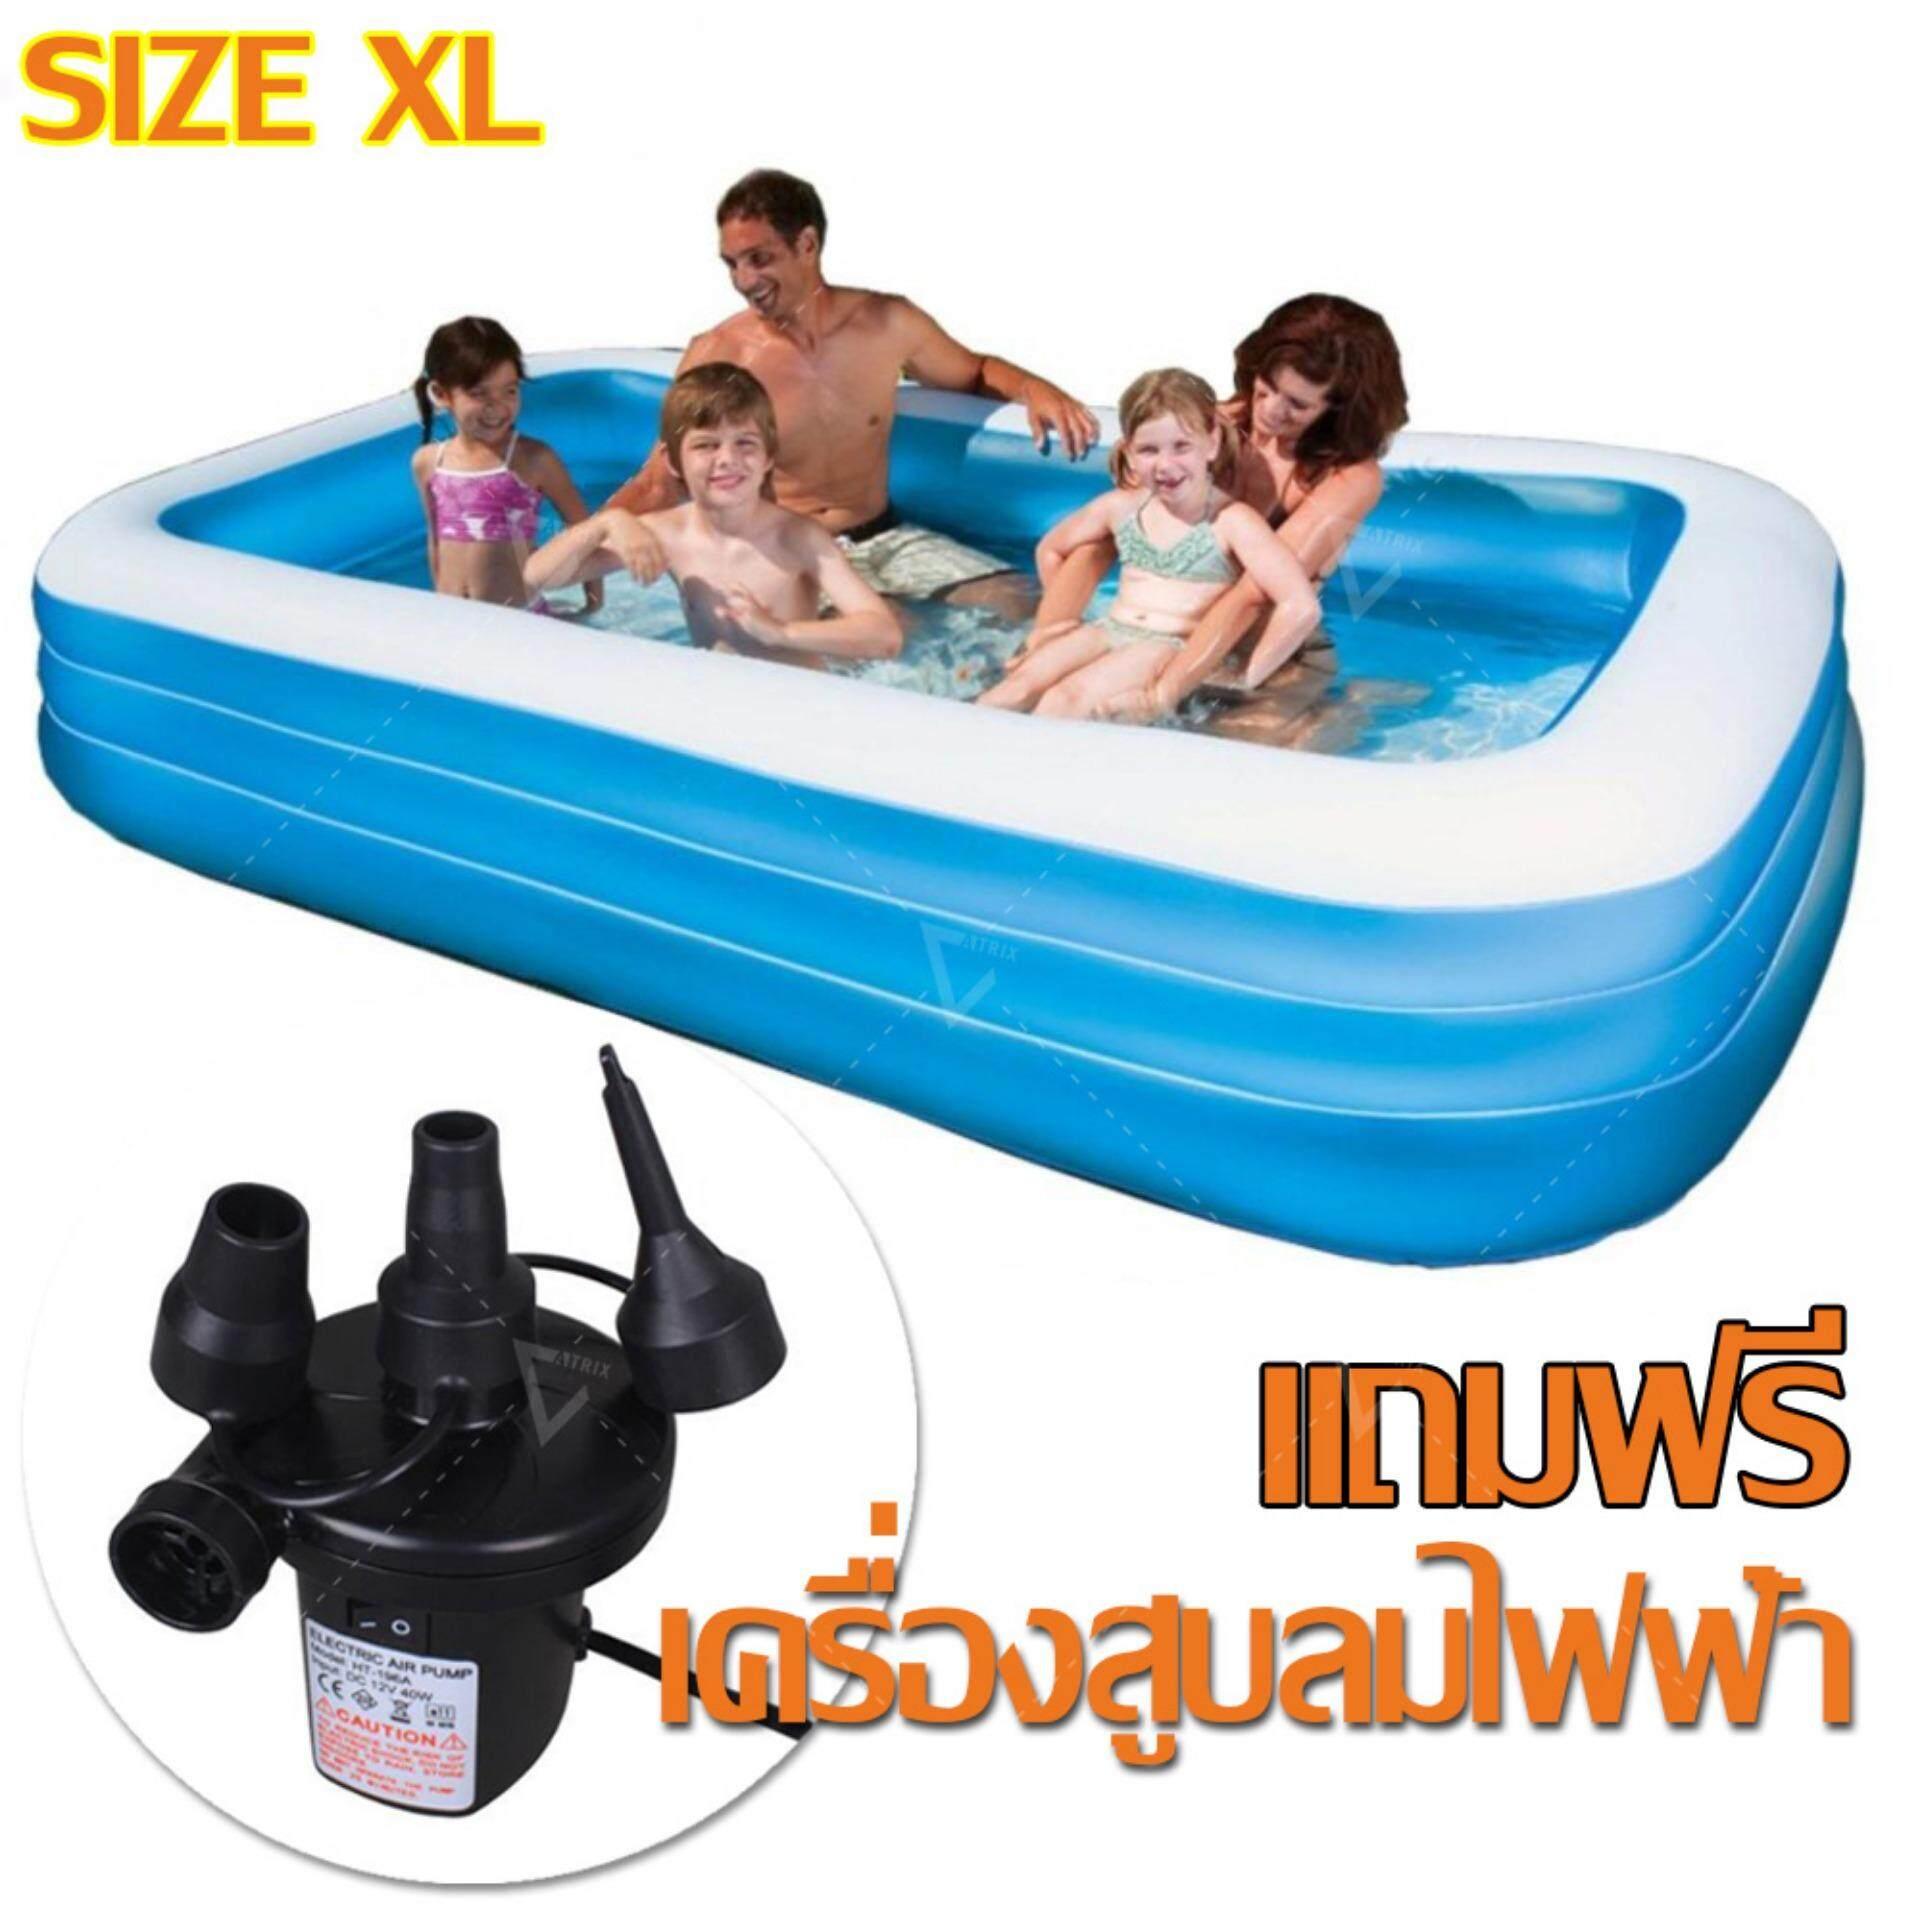 ซื้อ Atrix ซื้อ 1 ได้ถึง 2 Atrix สระน้ำเป่าลม ขนาด 305 X 180 X 56 Cm อย่างหนา Bestway Inflatable Pool Size Xl รุ่น Kds 0008 แถมฟรี เครื่องสูบลมอัตโนมัติ Kdh 0026 Atrix ออนไลน์